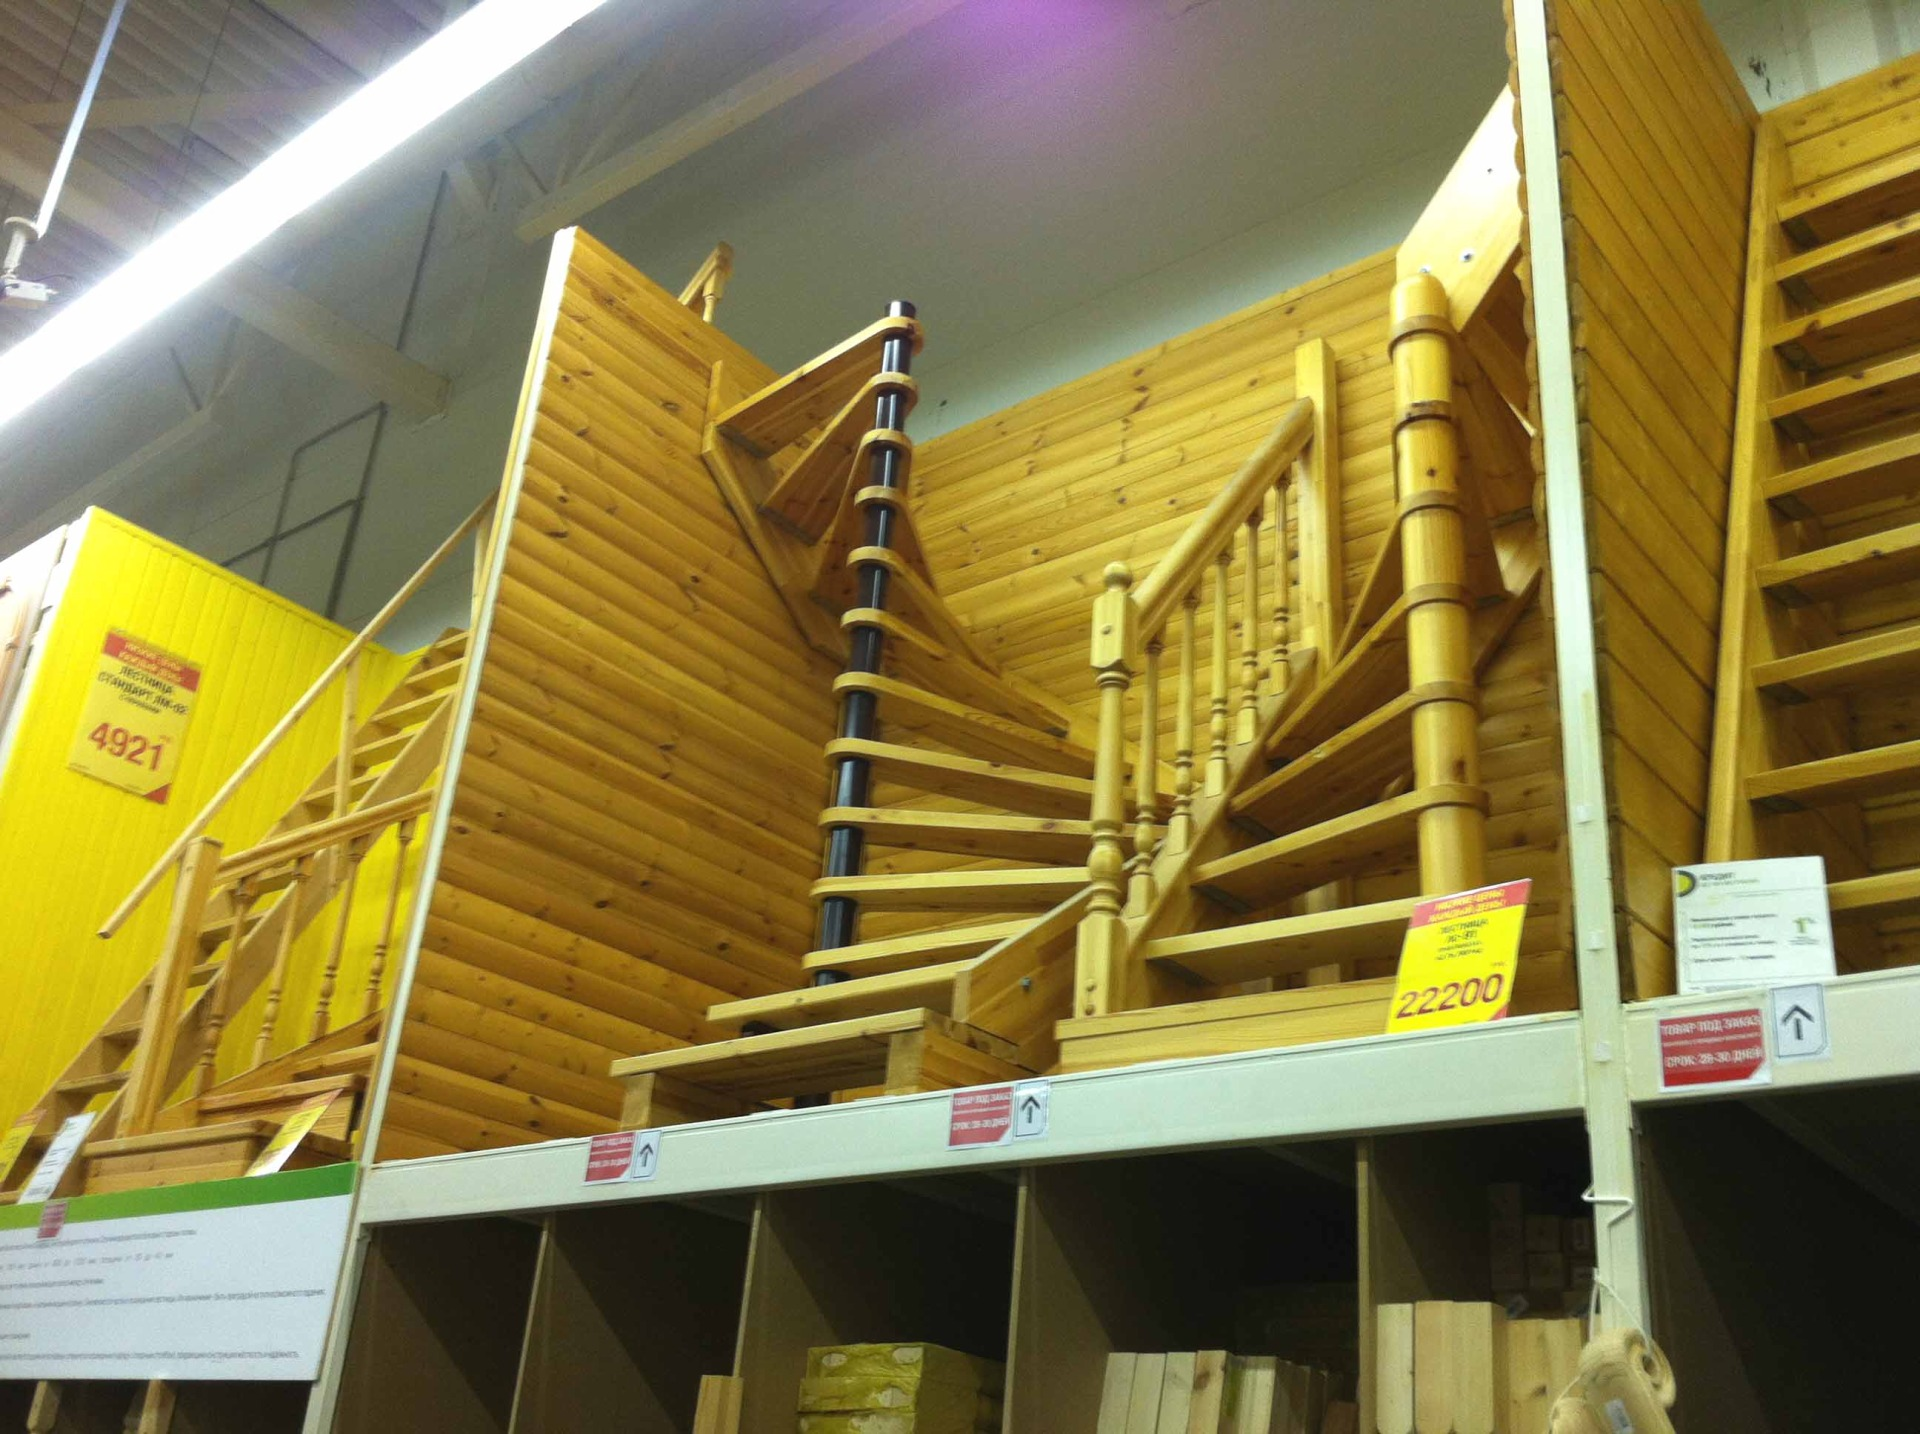 Дешевые готовые межэтажные лестницы из массива дерева в городе Краснодаре